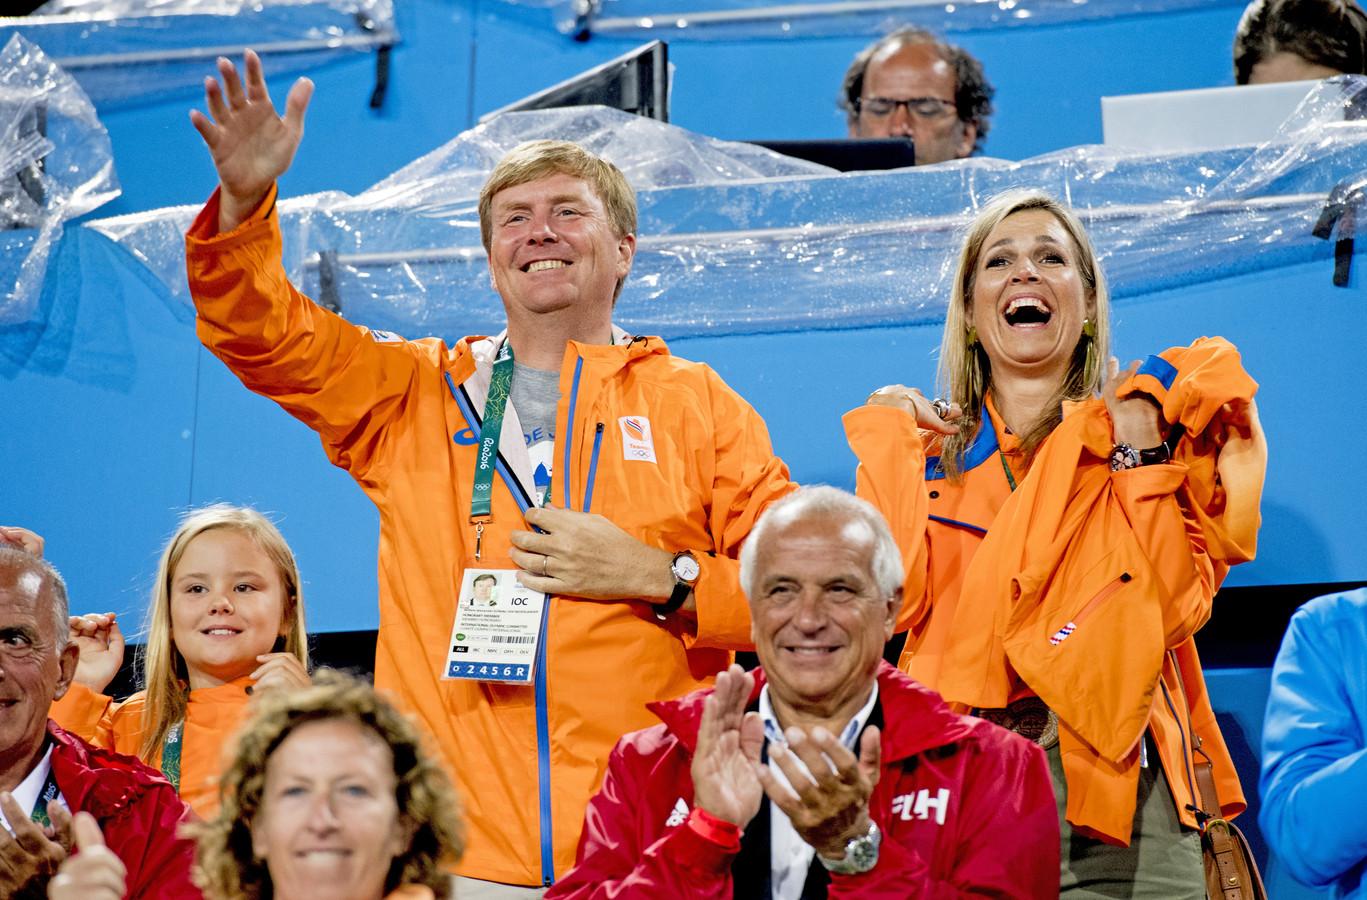 Koning Willem-Alexander en koningin Maxima en de prinsesjes Amalia, Alexia en Ariane op de tribune tijdens de kwartfinale hockey tegen Argentinie op de Olympische Spelen van RIo.